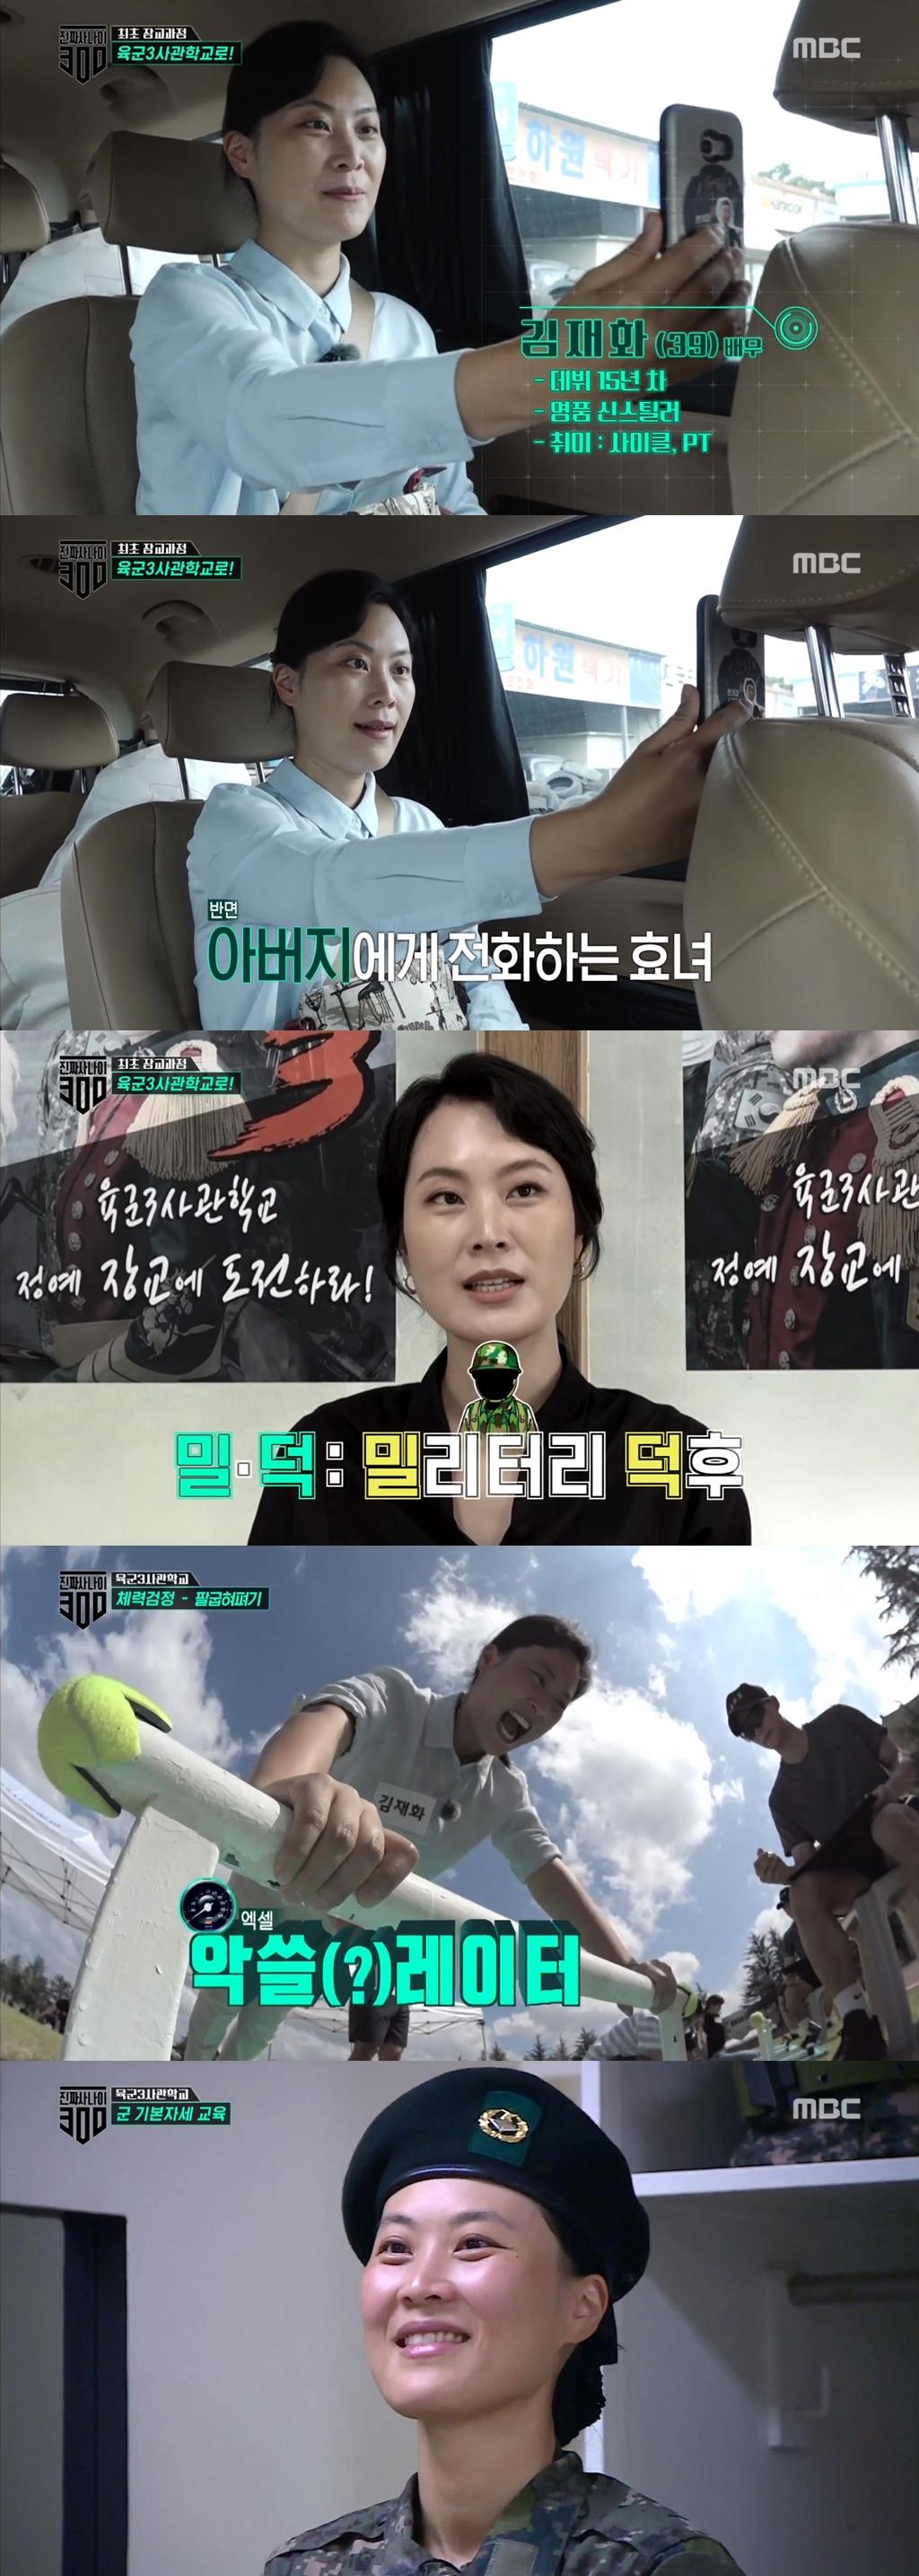 '진짜사나이300' 김재화, 절대 지치지 않는 '프로파이팅러' 모습 눈길